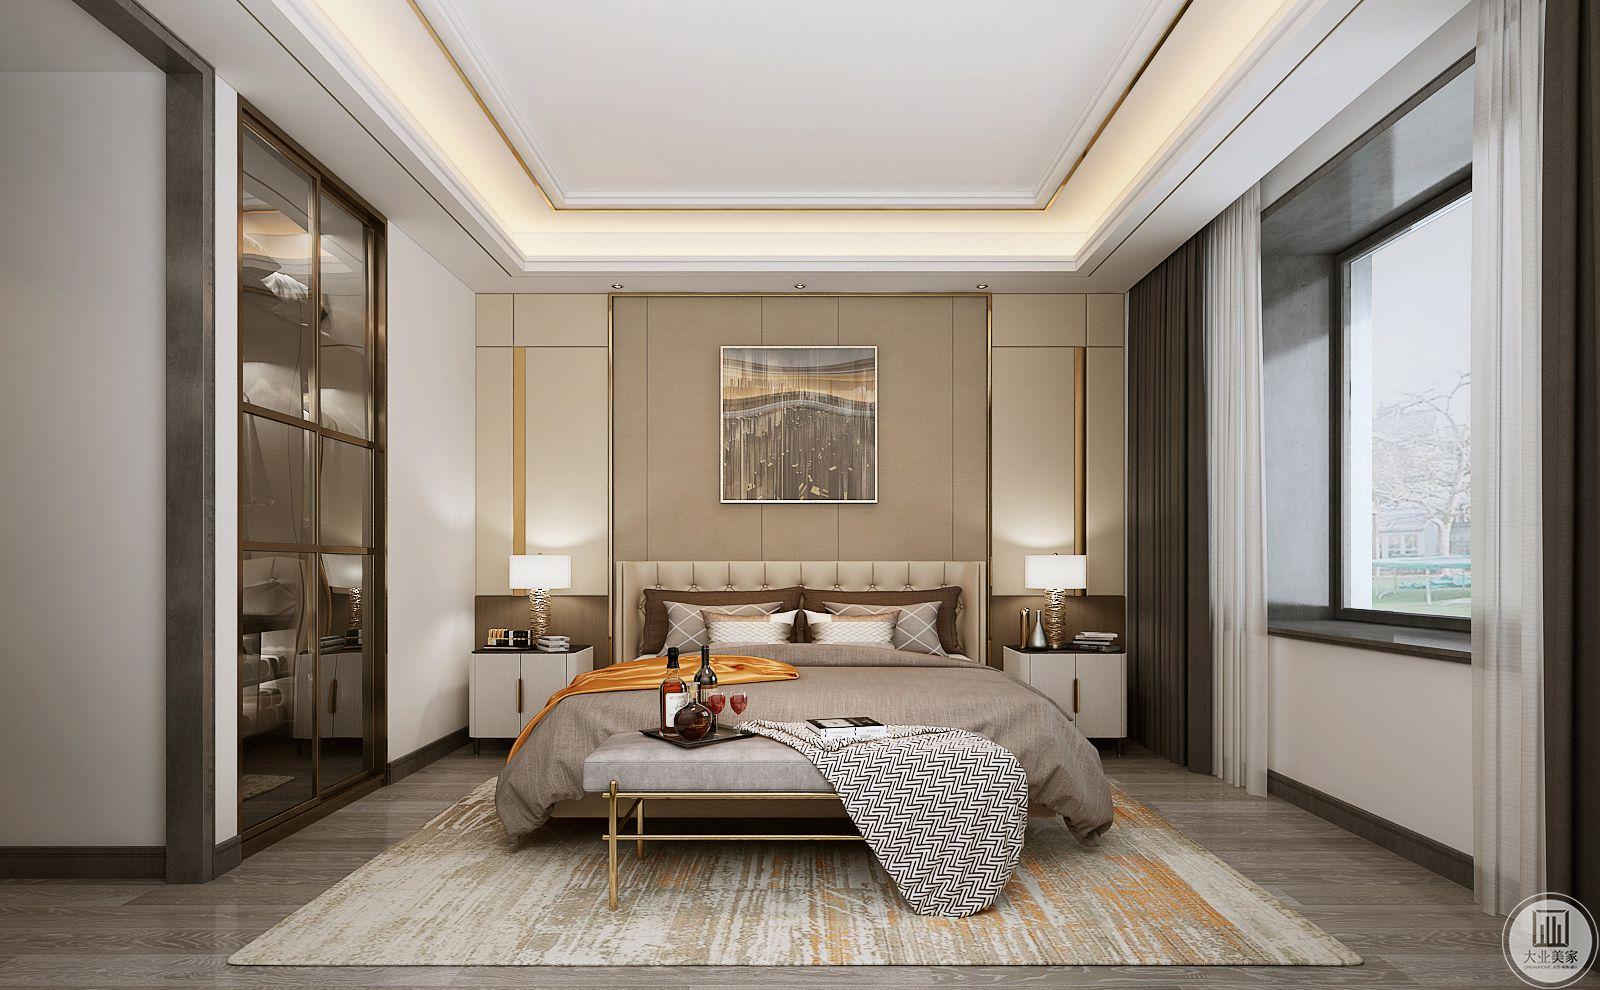 卧室地面铺深色木地板,搭配浅黄色地毯,床头背景墙采用浅色木质护墙板,墙面使用现代抽象画。